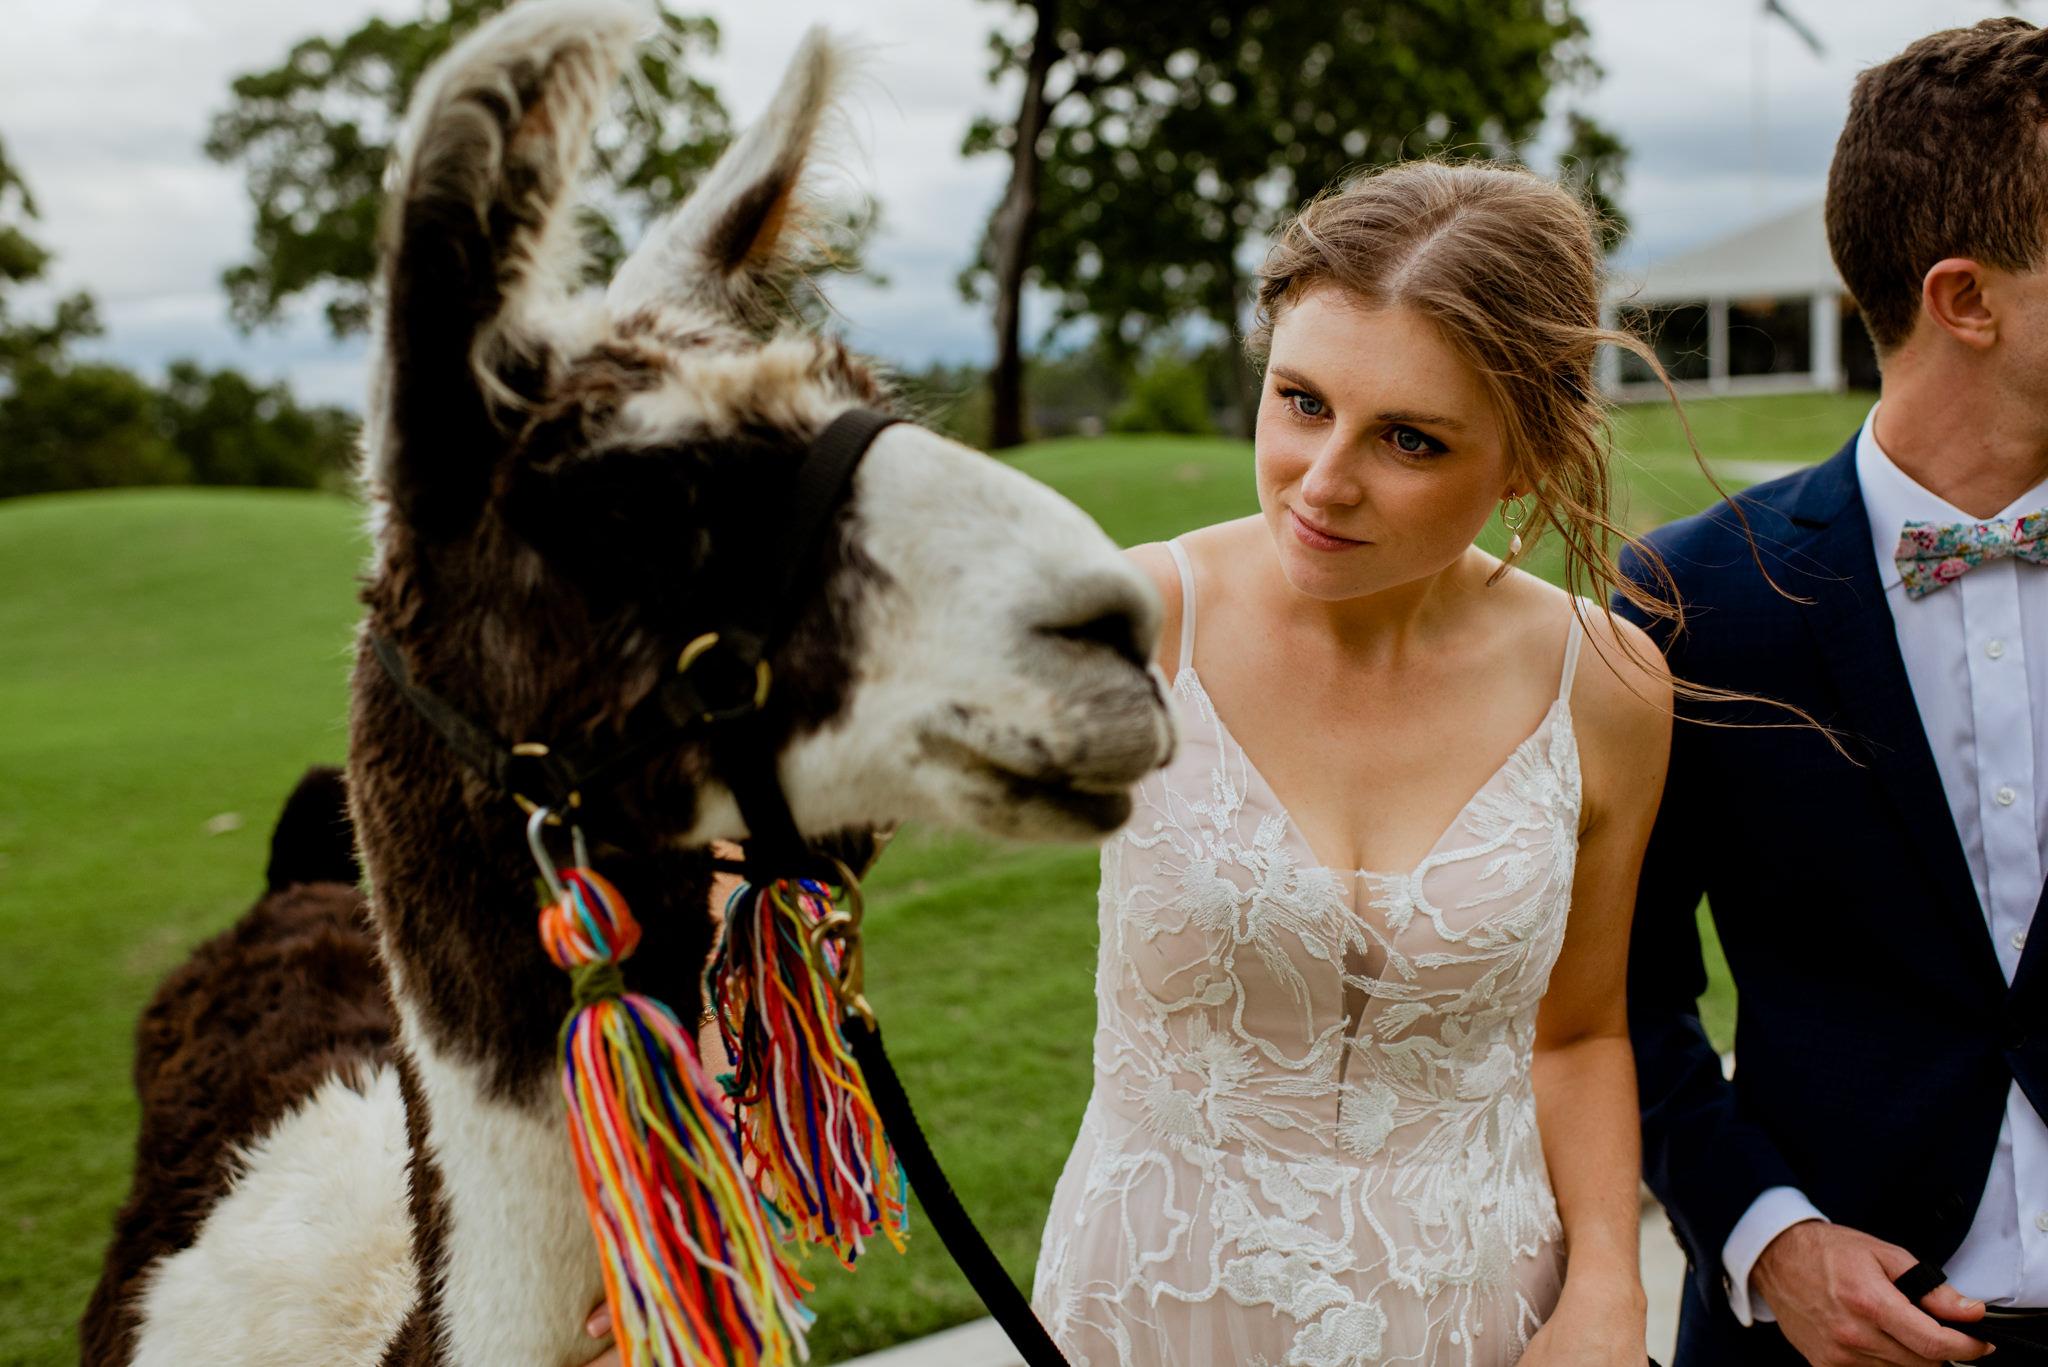 Young bride looking at llama